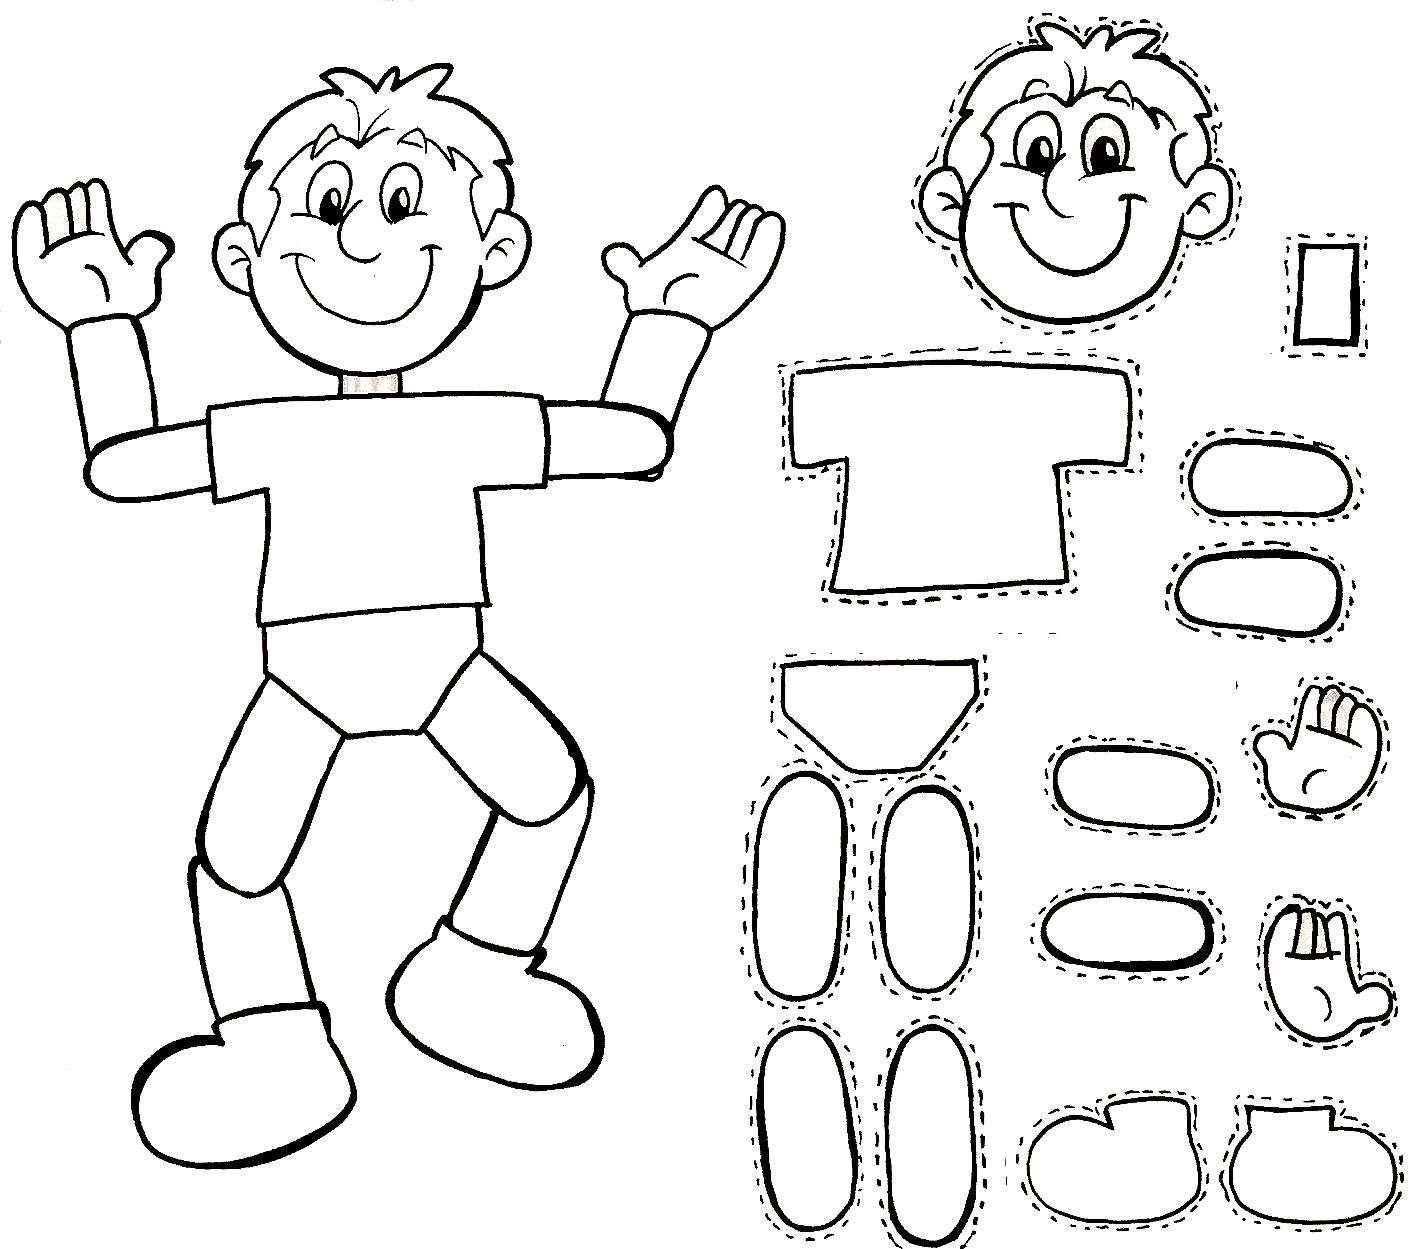 CUERPO HUMANO PARA ARMAR dibujo para colorear del cuerpo humano